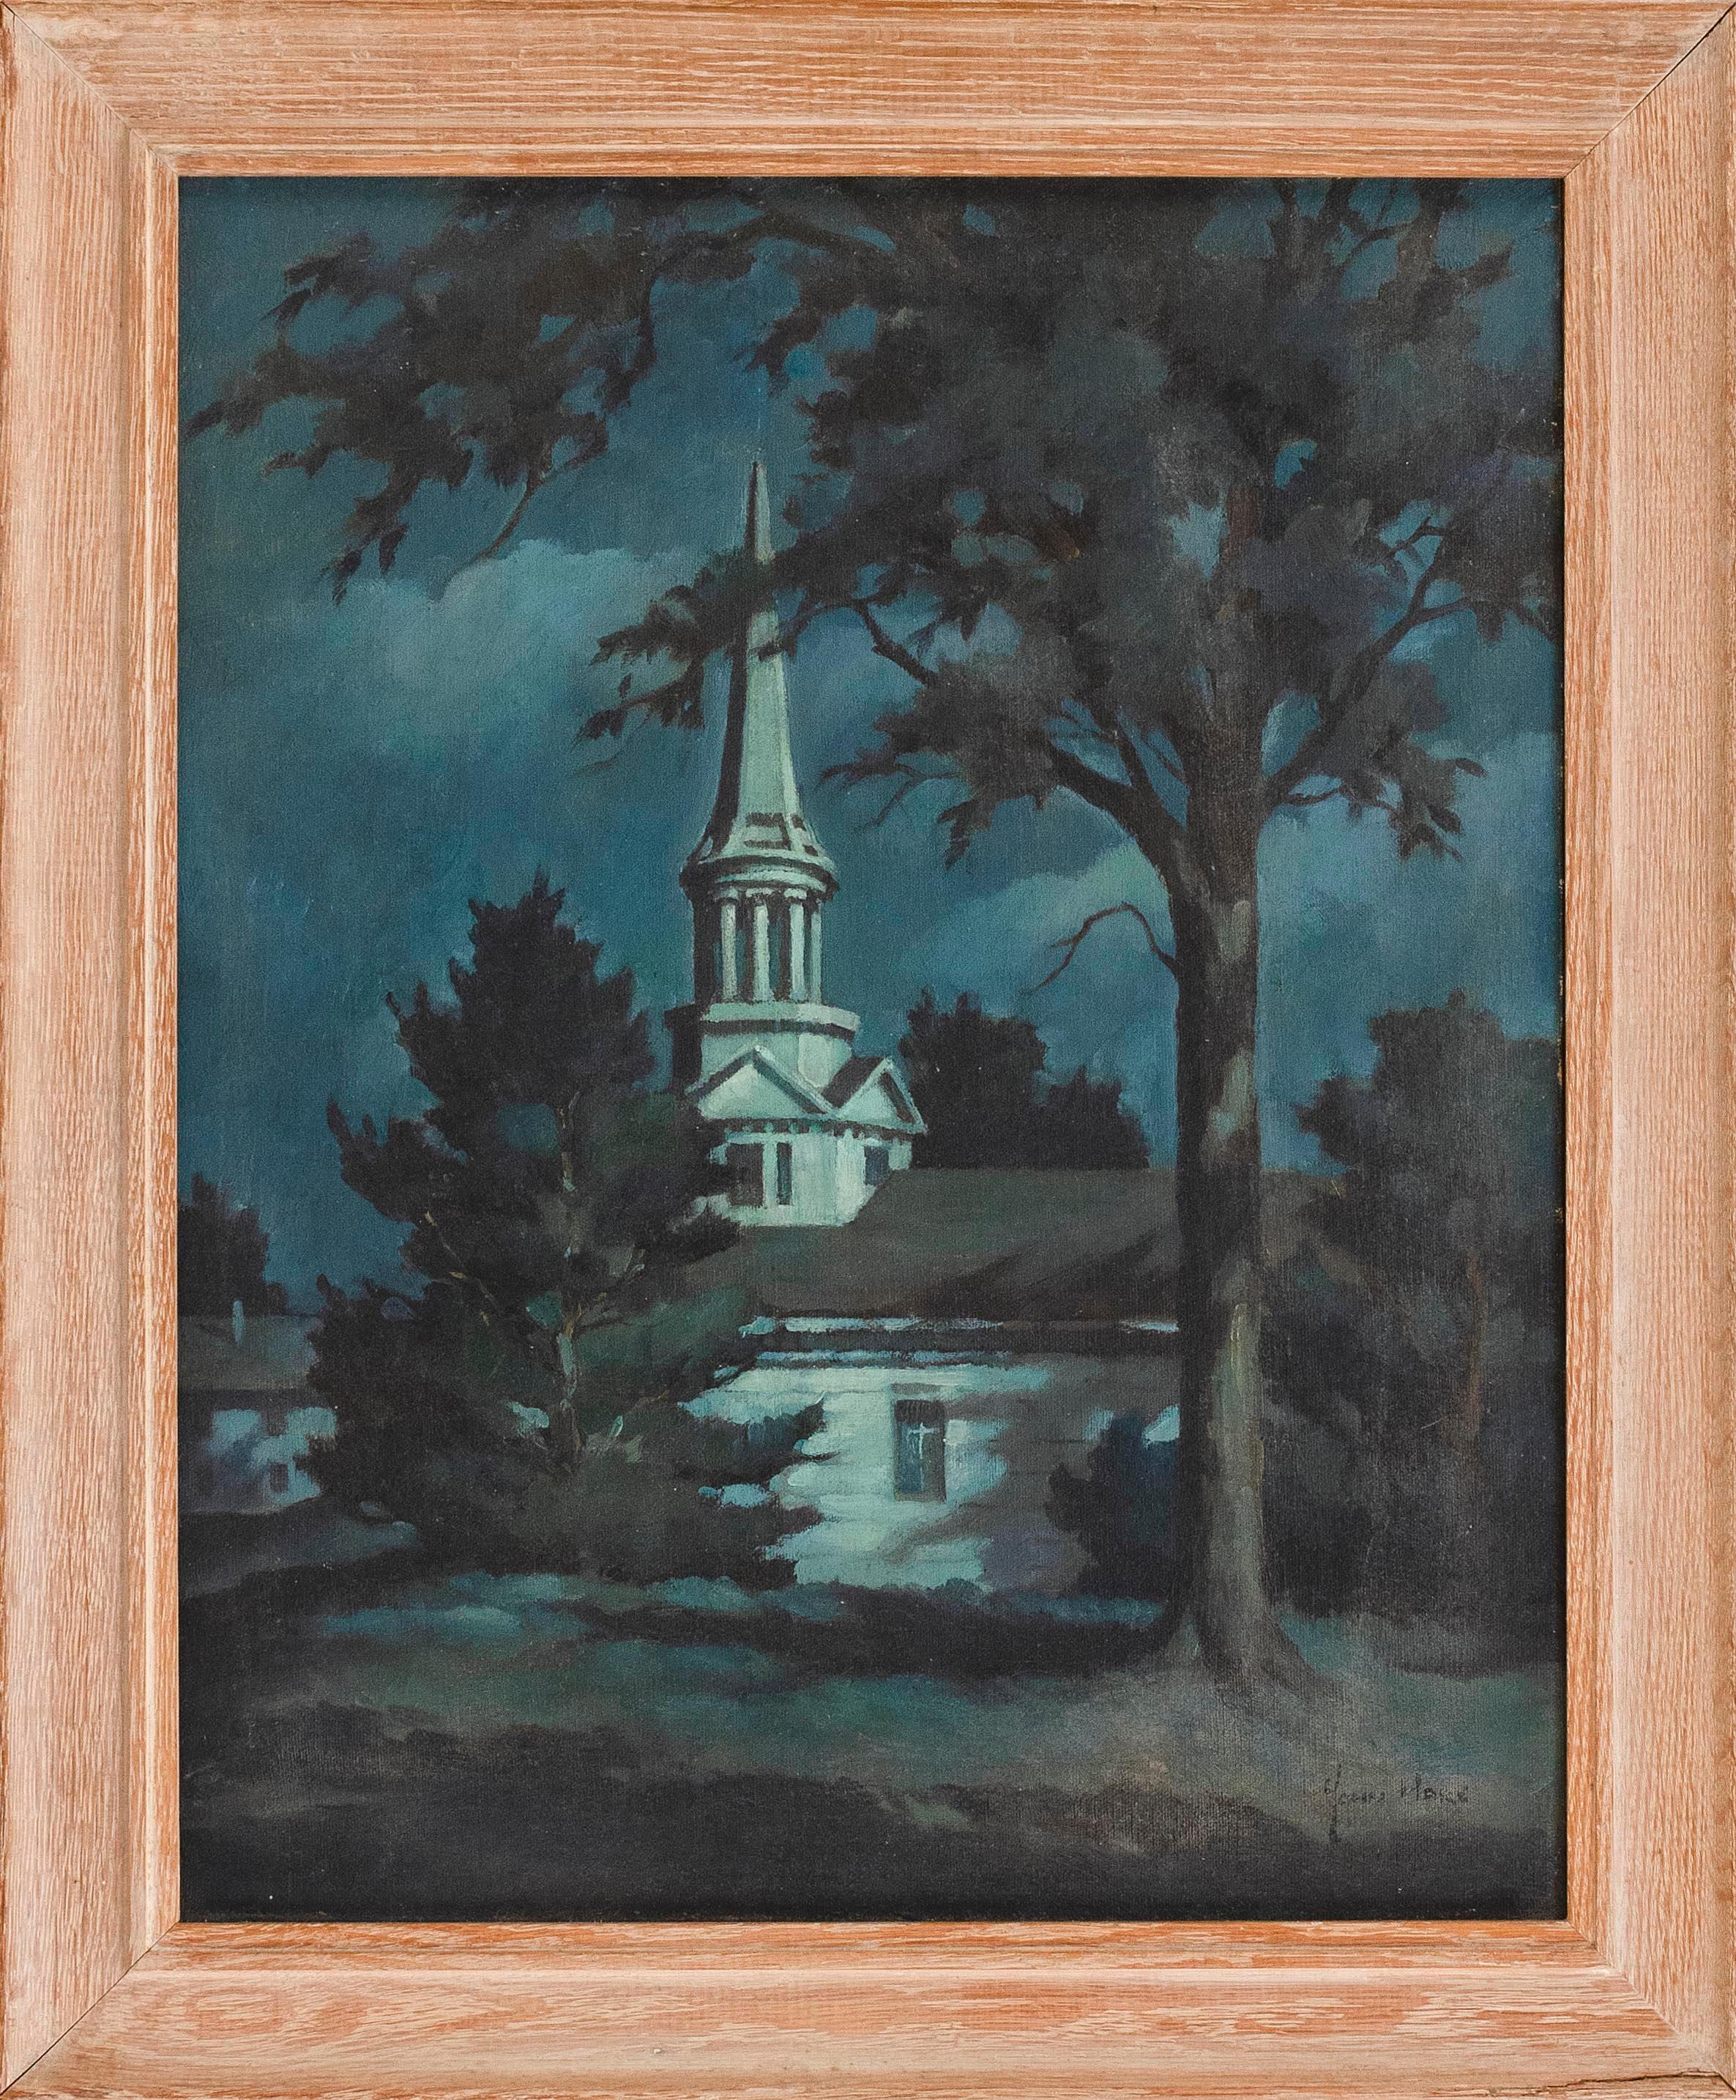 """JOHN CUTHBERT HARE, Massachusetts/Florida, 1908-1978, A church under moonlight., Oil on masonite, 20"""" x 16"""". Framed 24"""" x 19.5""""."""